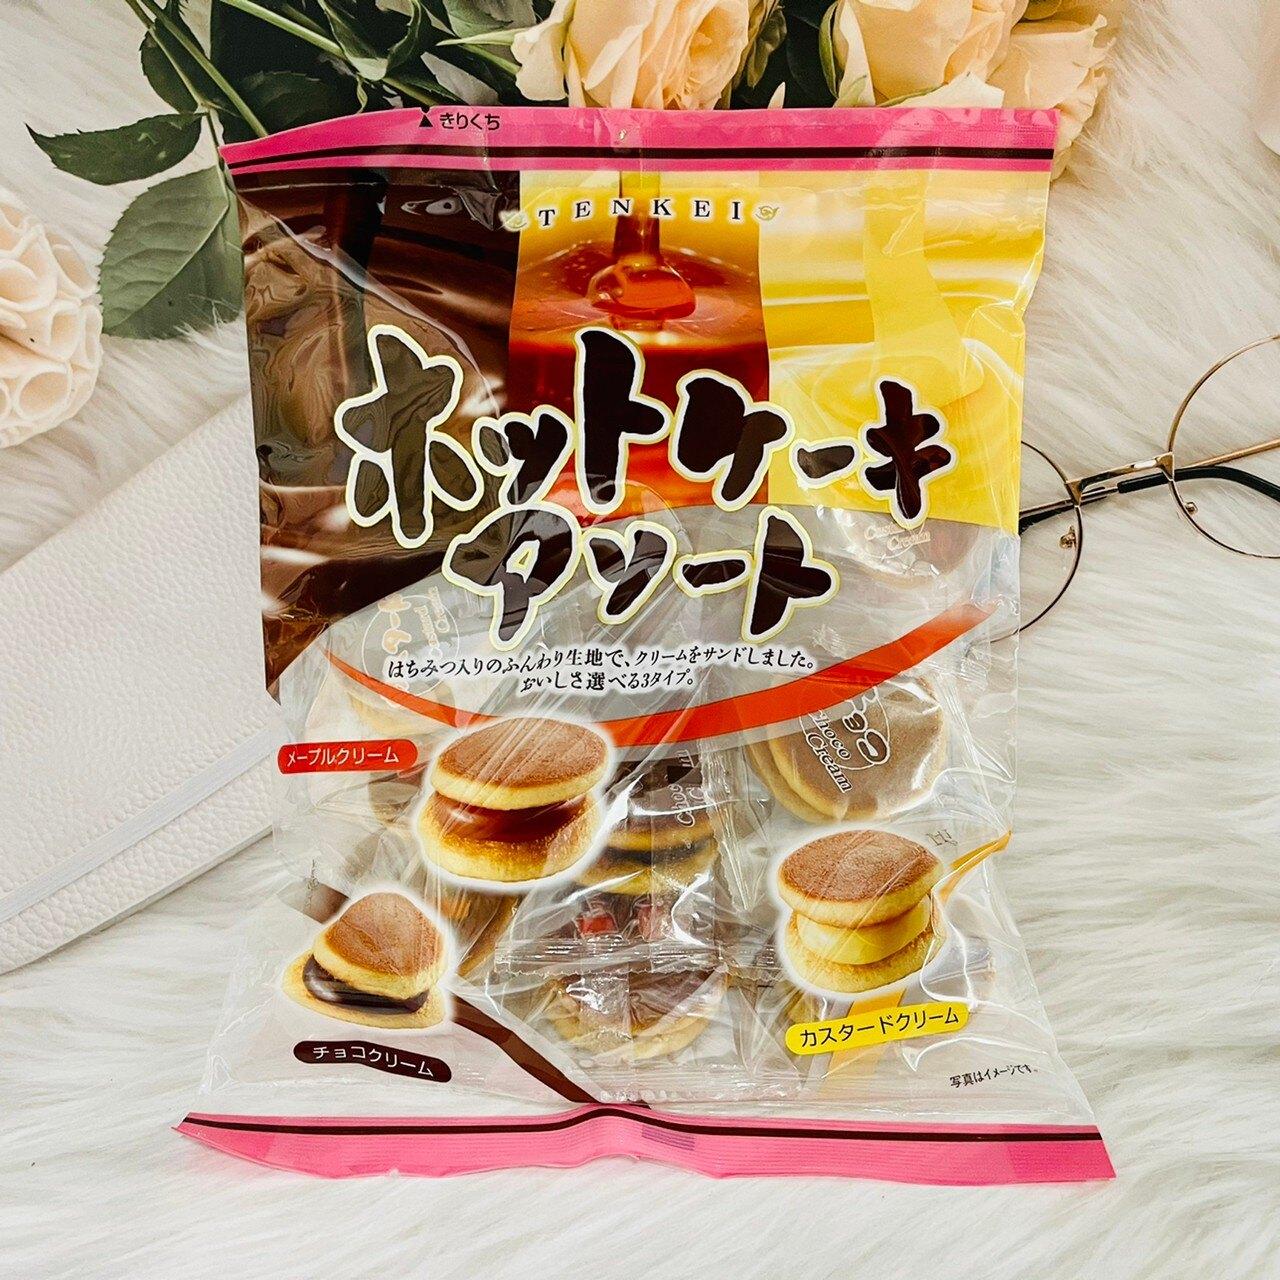 日本 天惠製果 綜合迷你銅鑼燒 小朋友的最愛 174g(卡士達/可可/楓糖奶油)